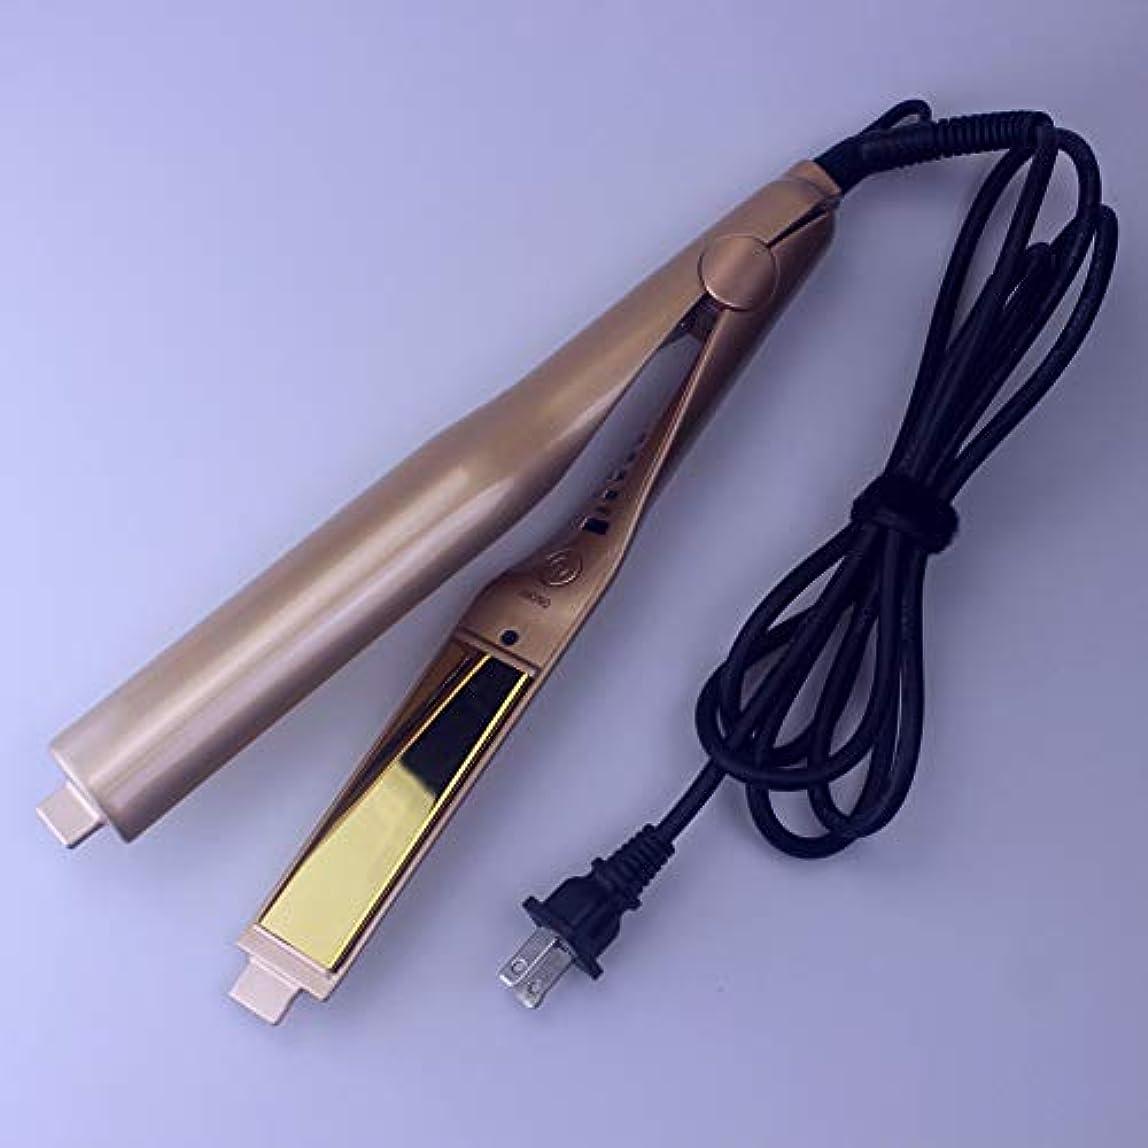 先史時代の転倒イチゴツイストストレートストレートヘアアイロンデュアルユースツーインワン電気カーリングアイロン電気スプリント理髪ツール